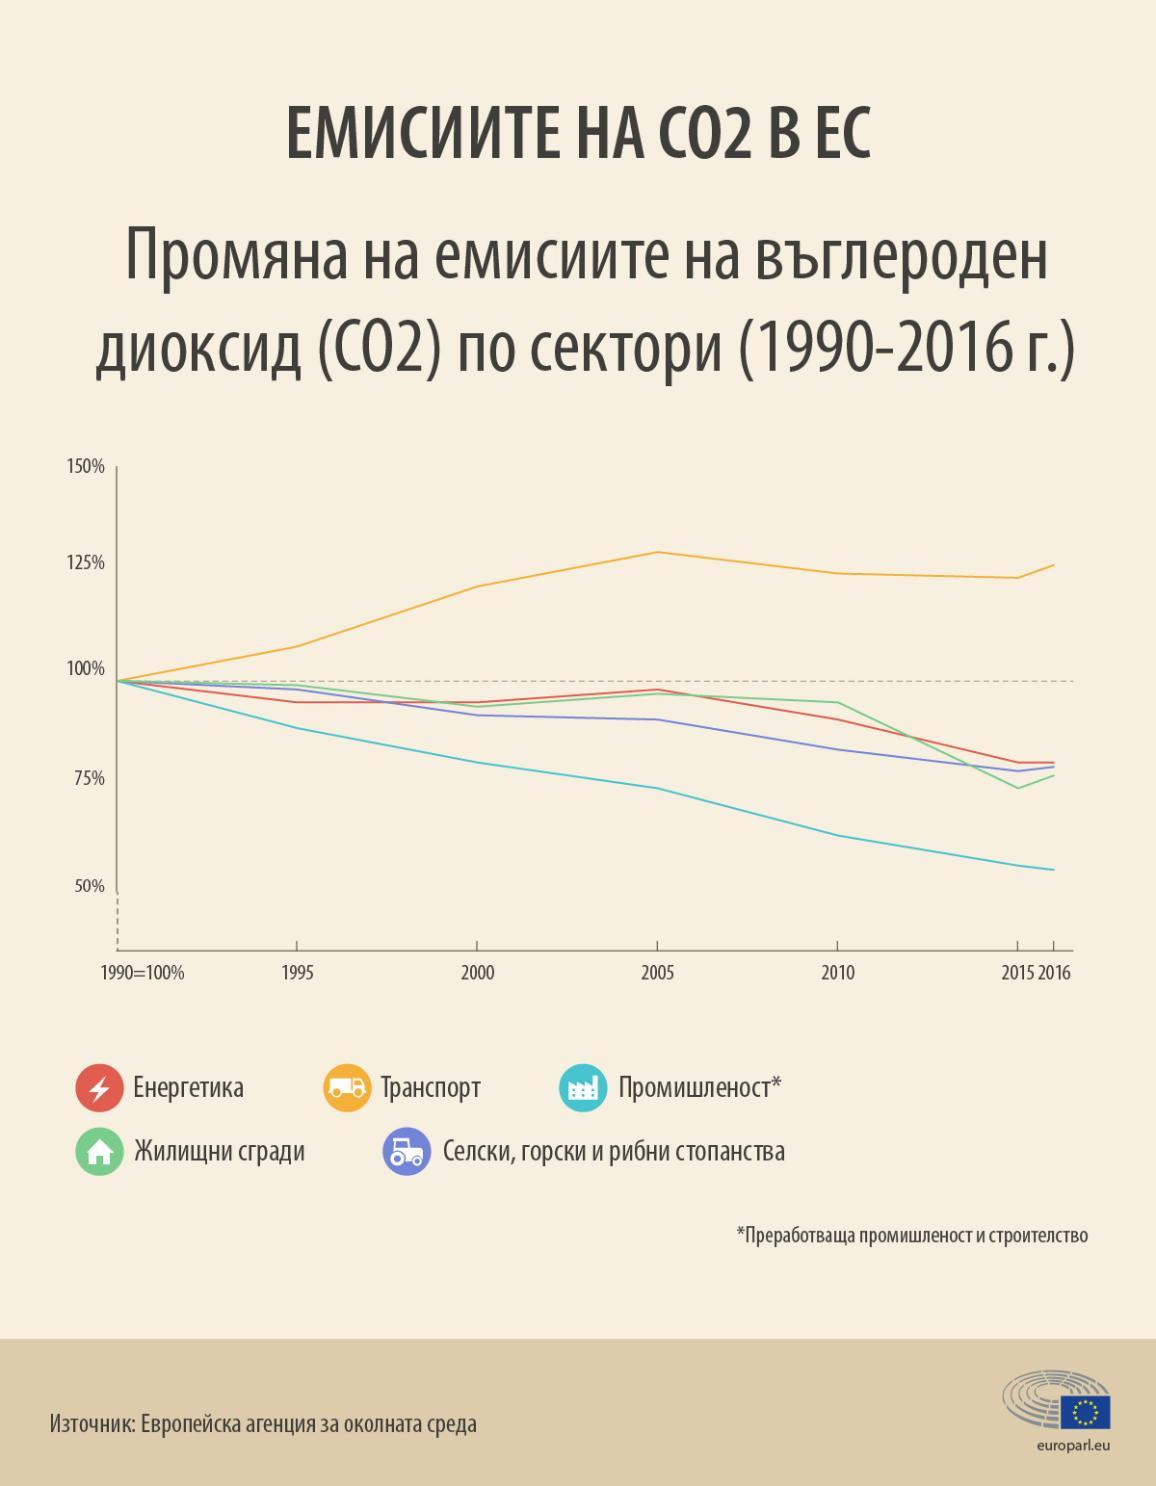 Инфографика: Промяна на емисиите на въглероден диоксид по сектори (1990-2016 г.)